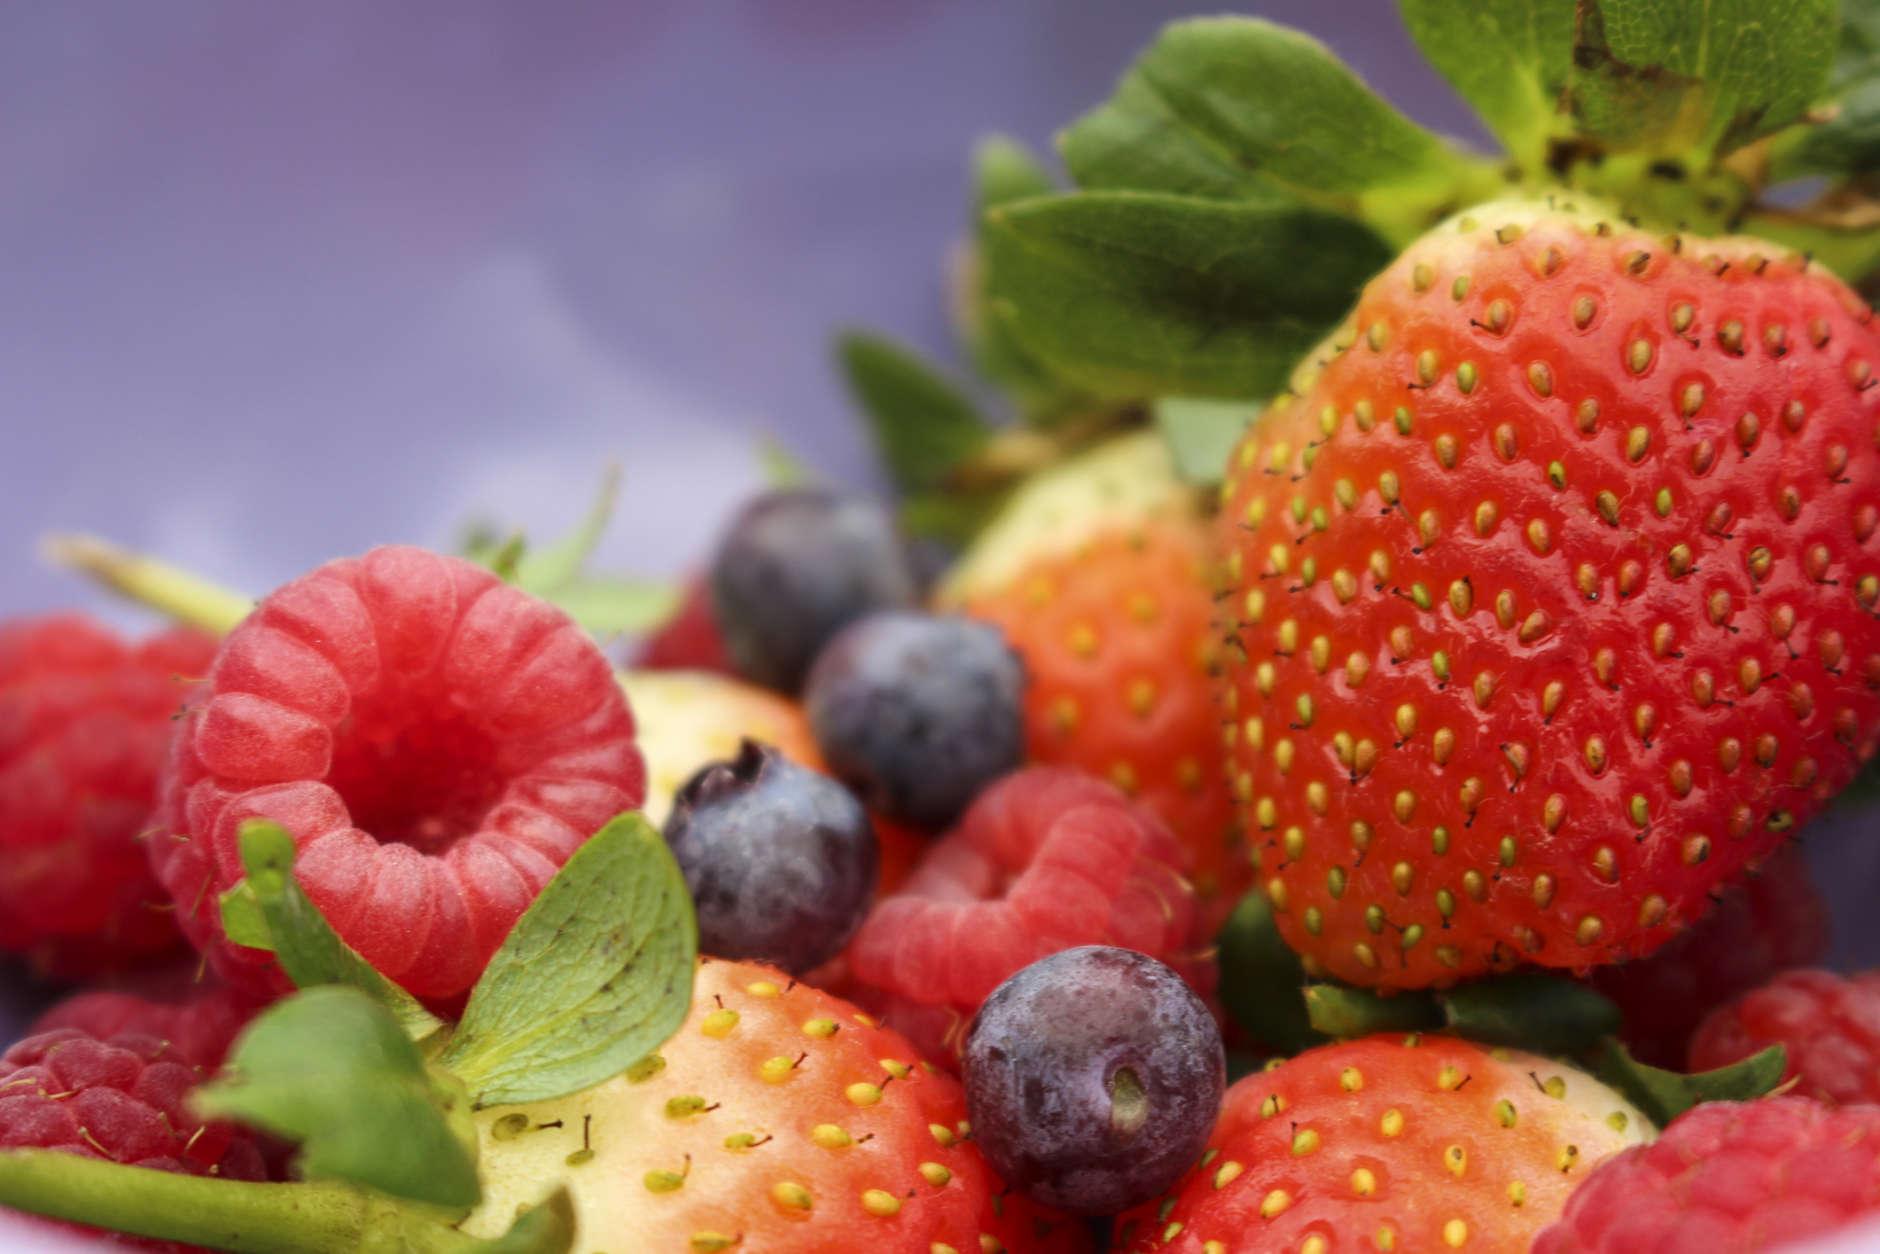 Macro Image of Multiple Berries